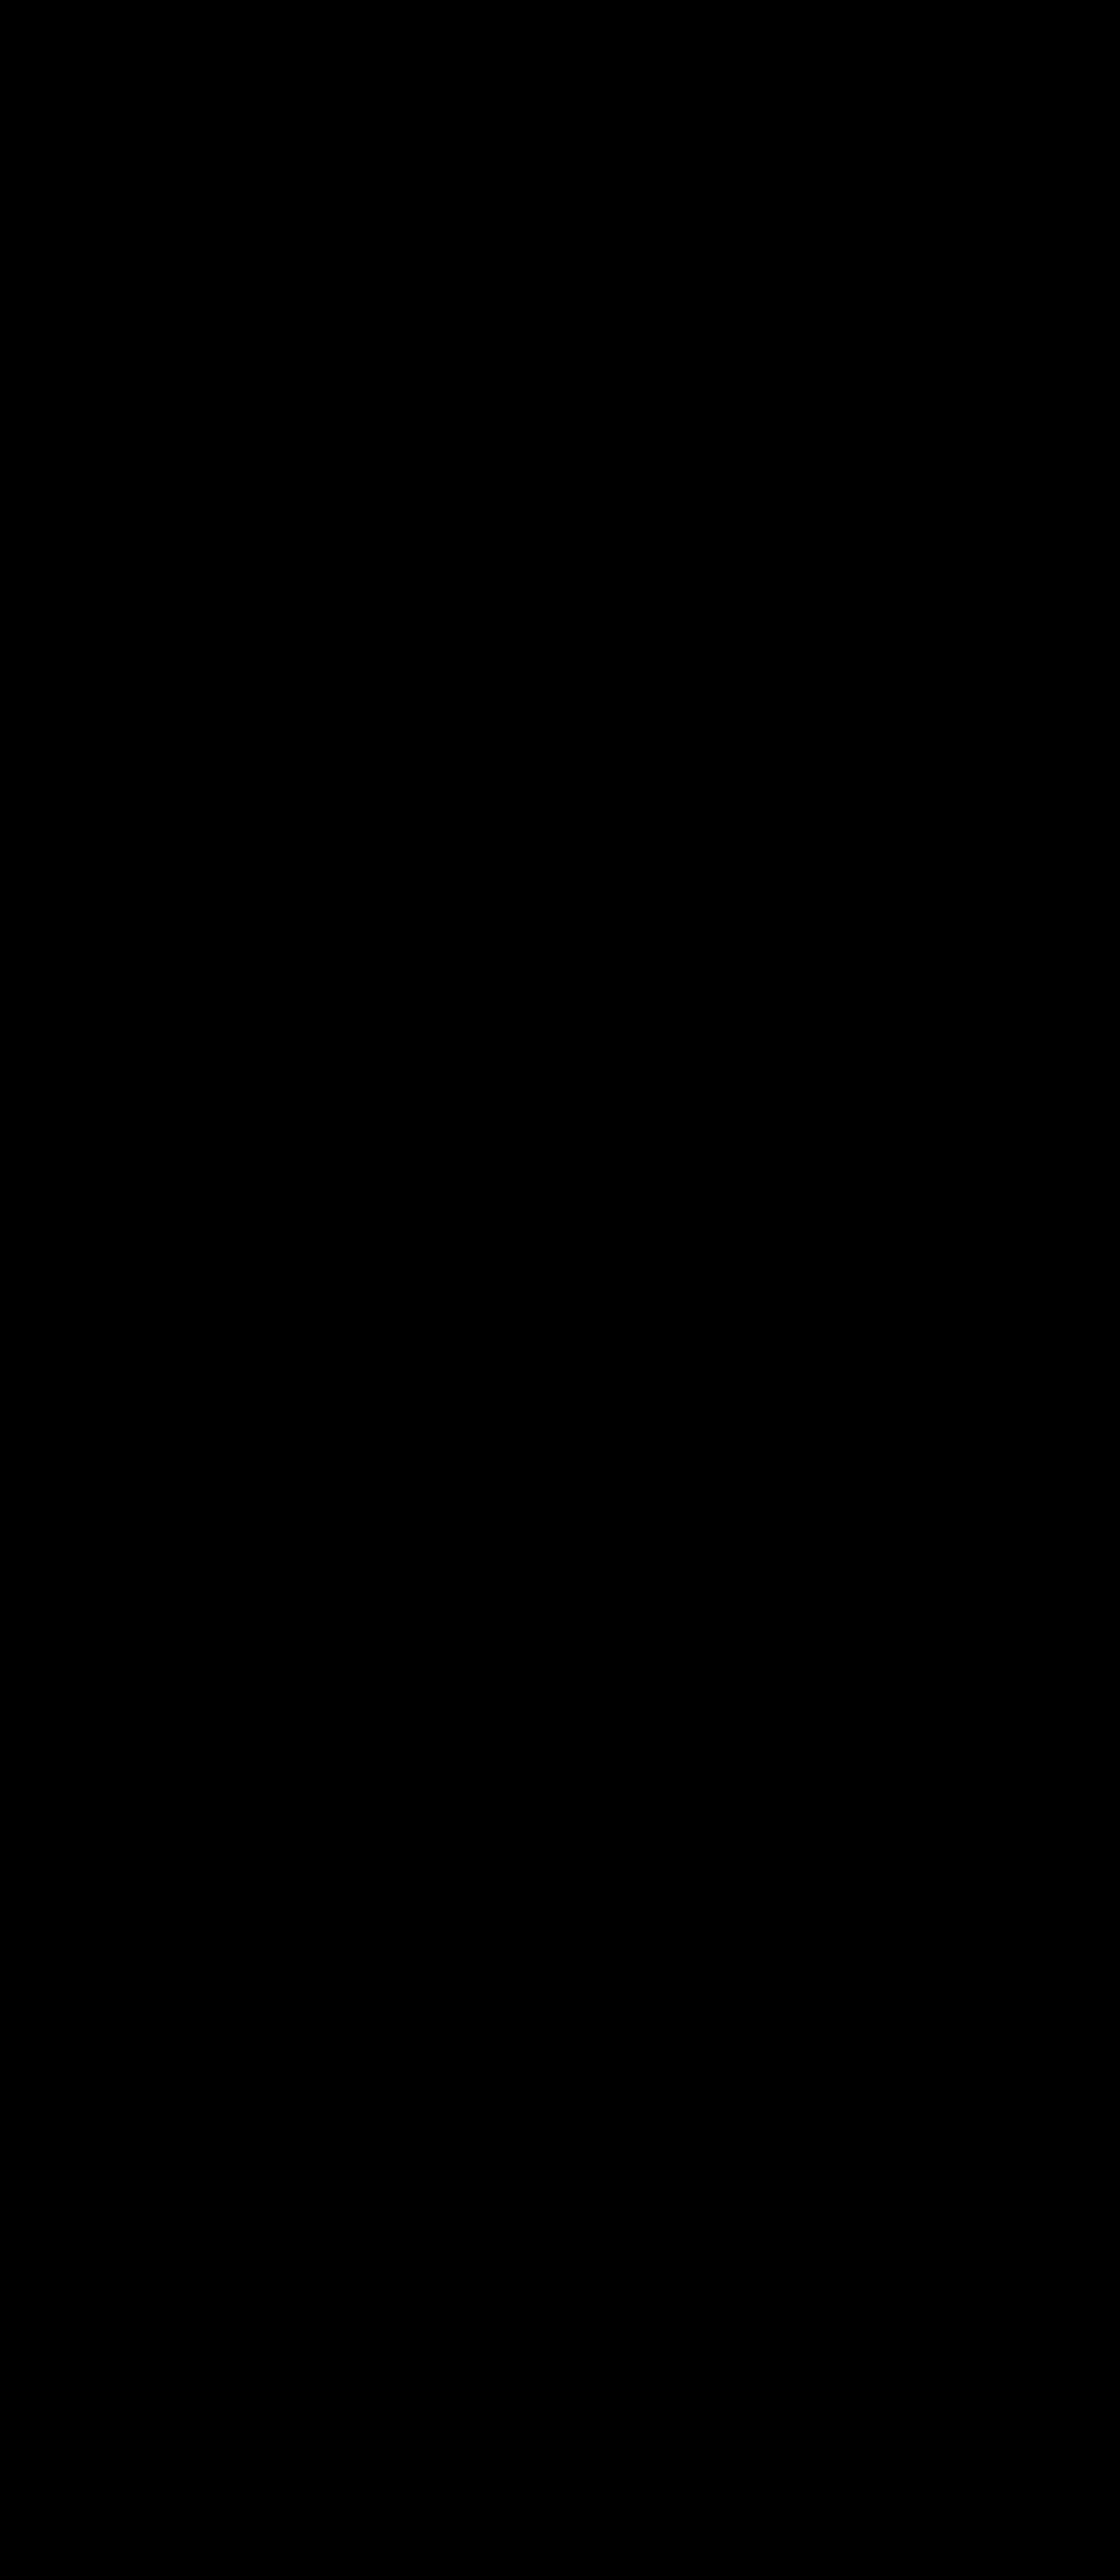 501_triangulation.jpg